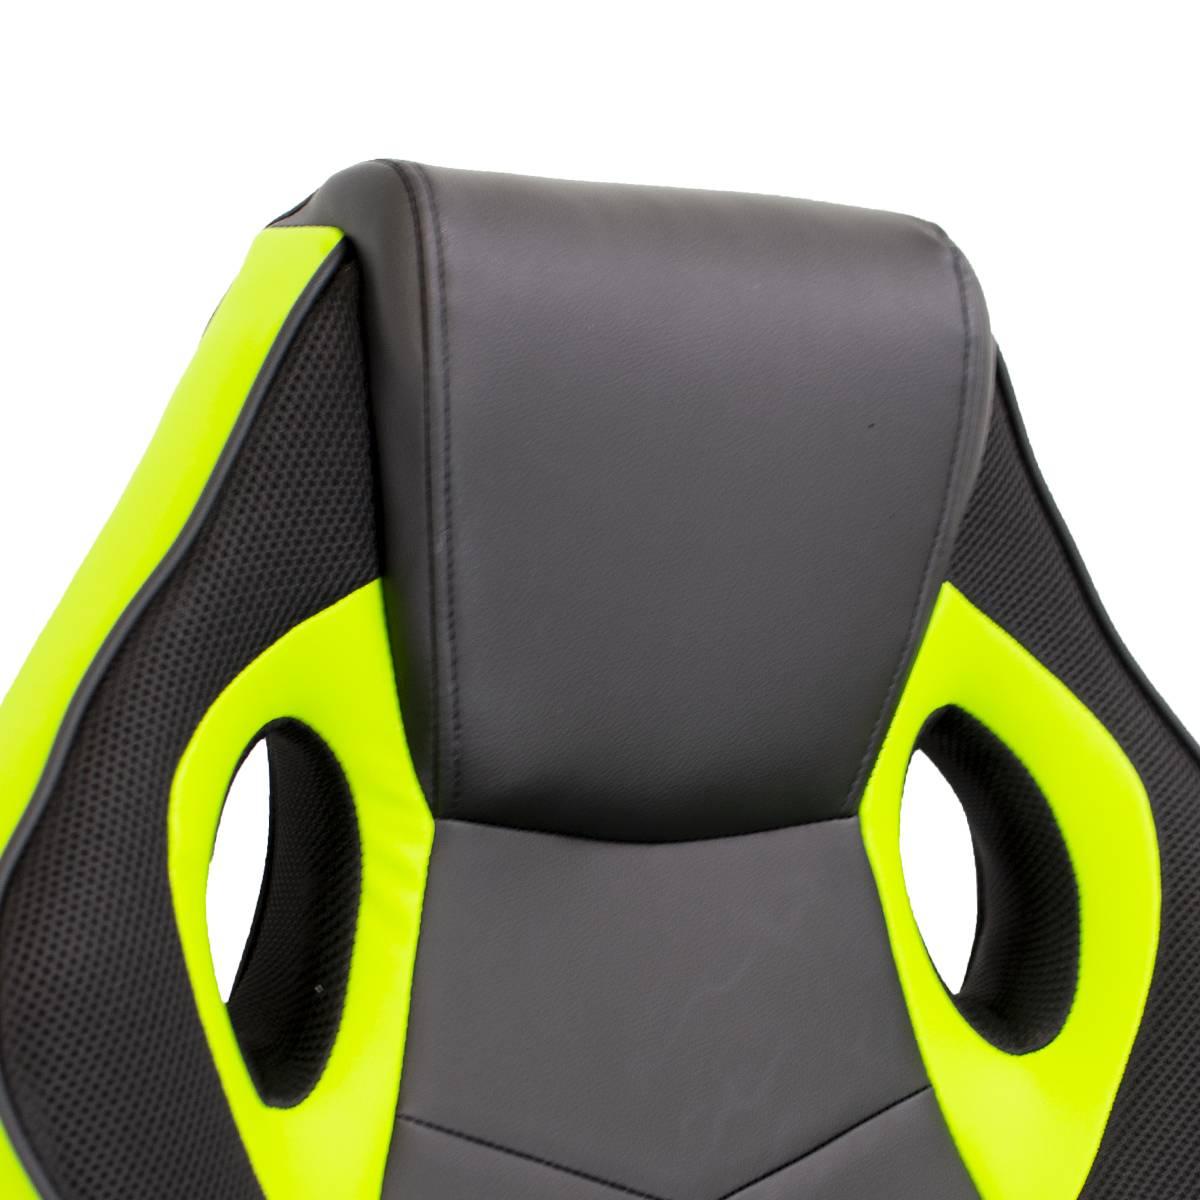 miniatura 56 - Sedia Poltrona da Gaming per Ufficio reclinabile Imbottita ergonomica GTX RTX